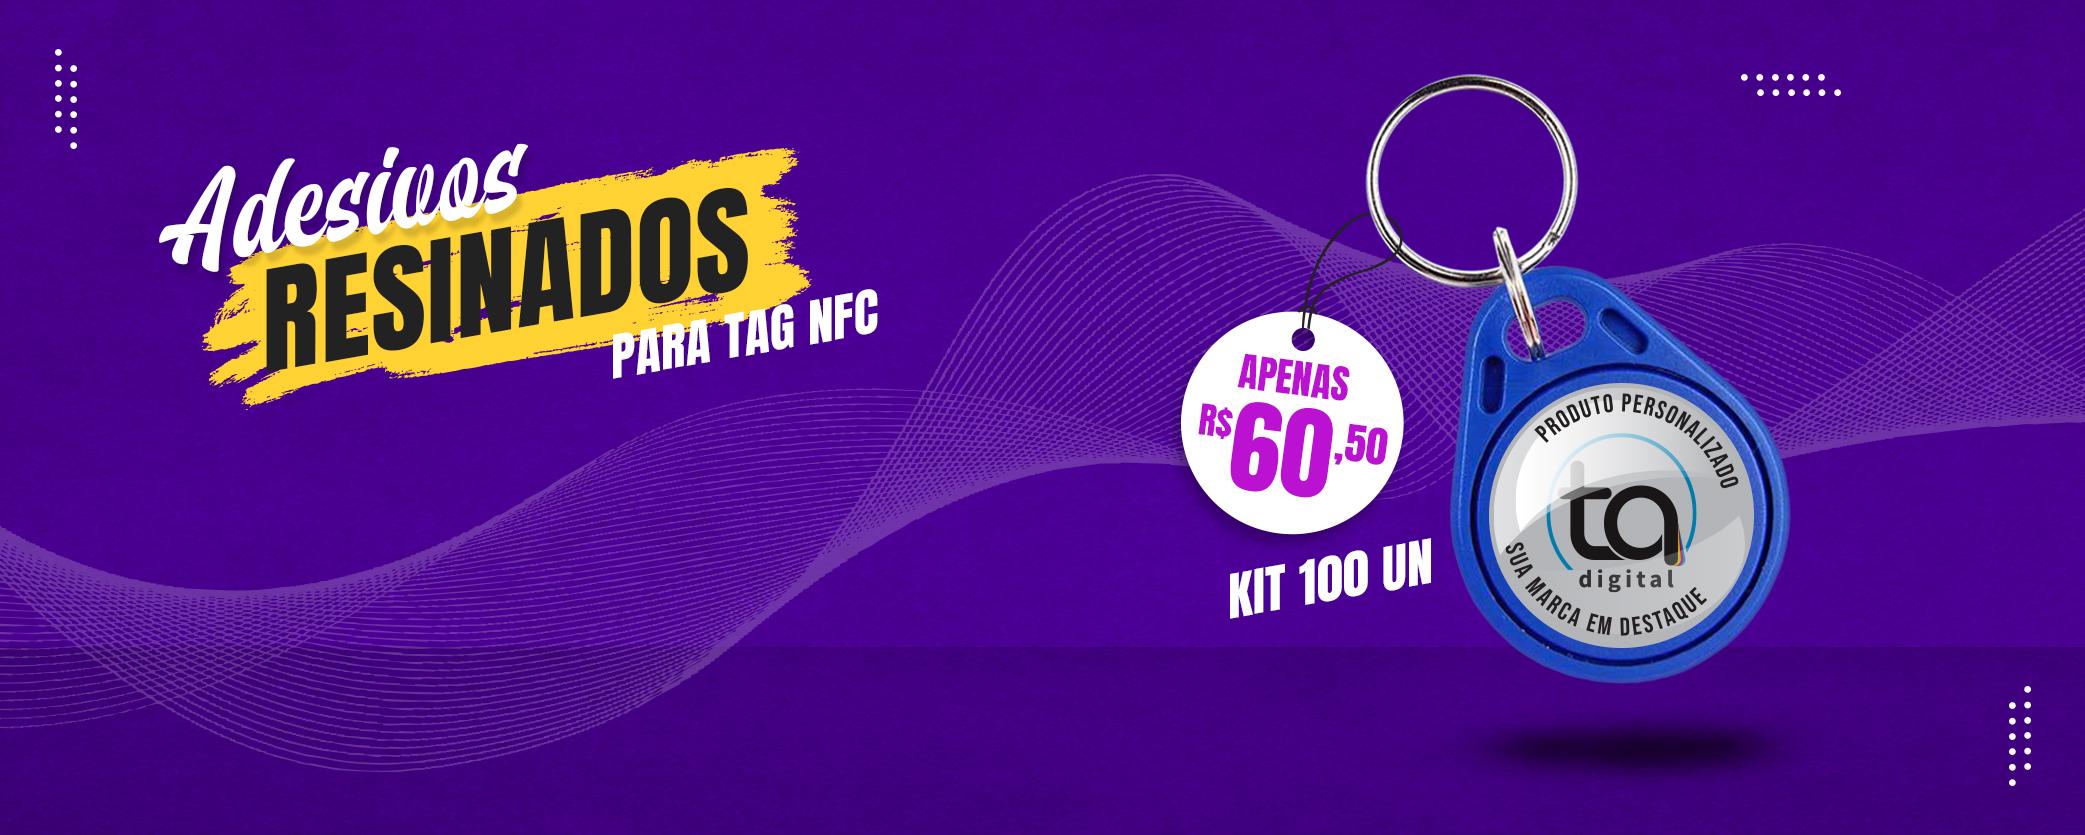 https://tudoartedigital.com.br/produto/adesivos/kit-100-adesivos-resinado-personalizados-para-tags-de-condominio/43